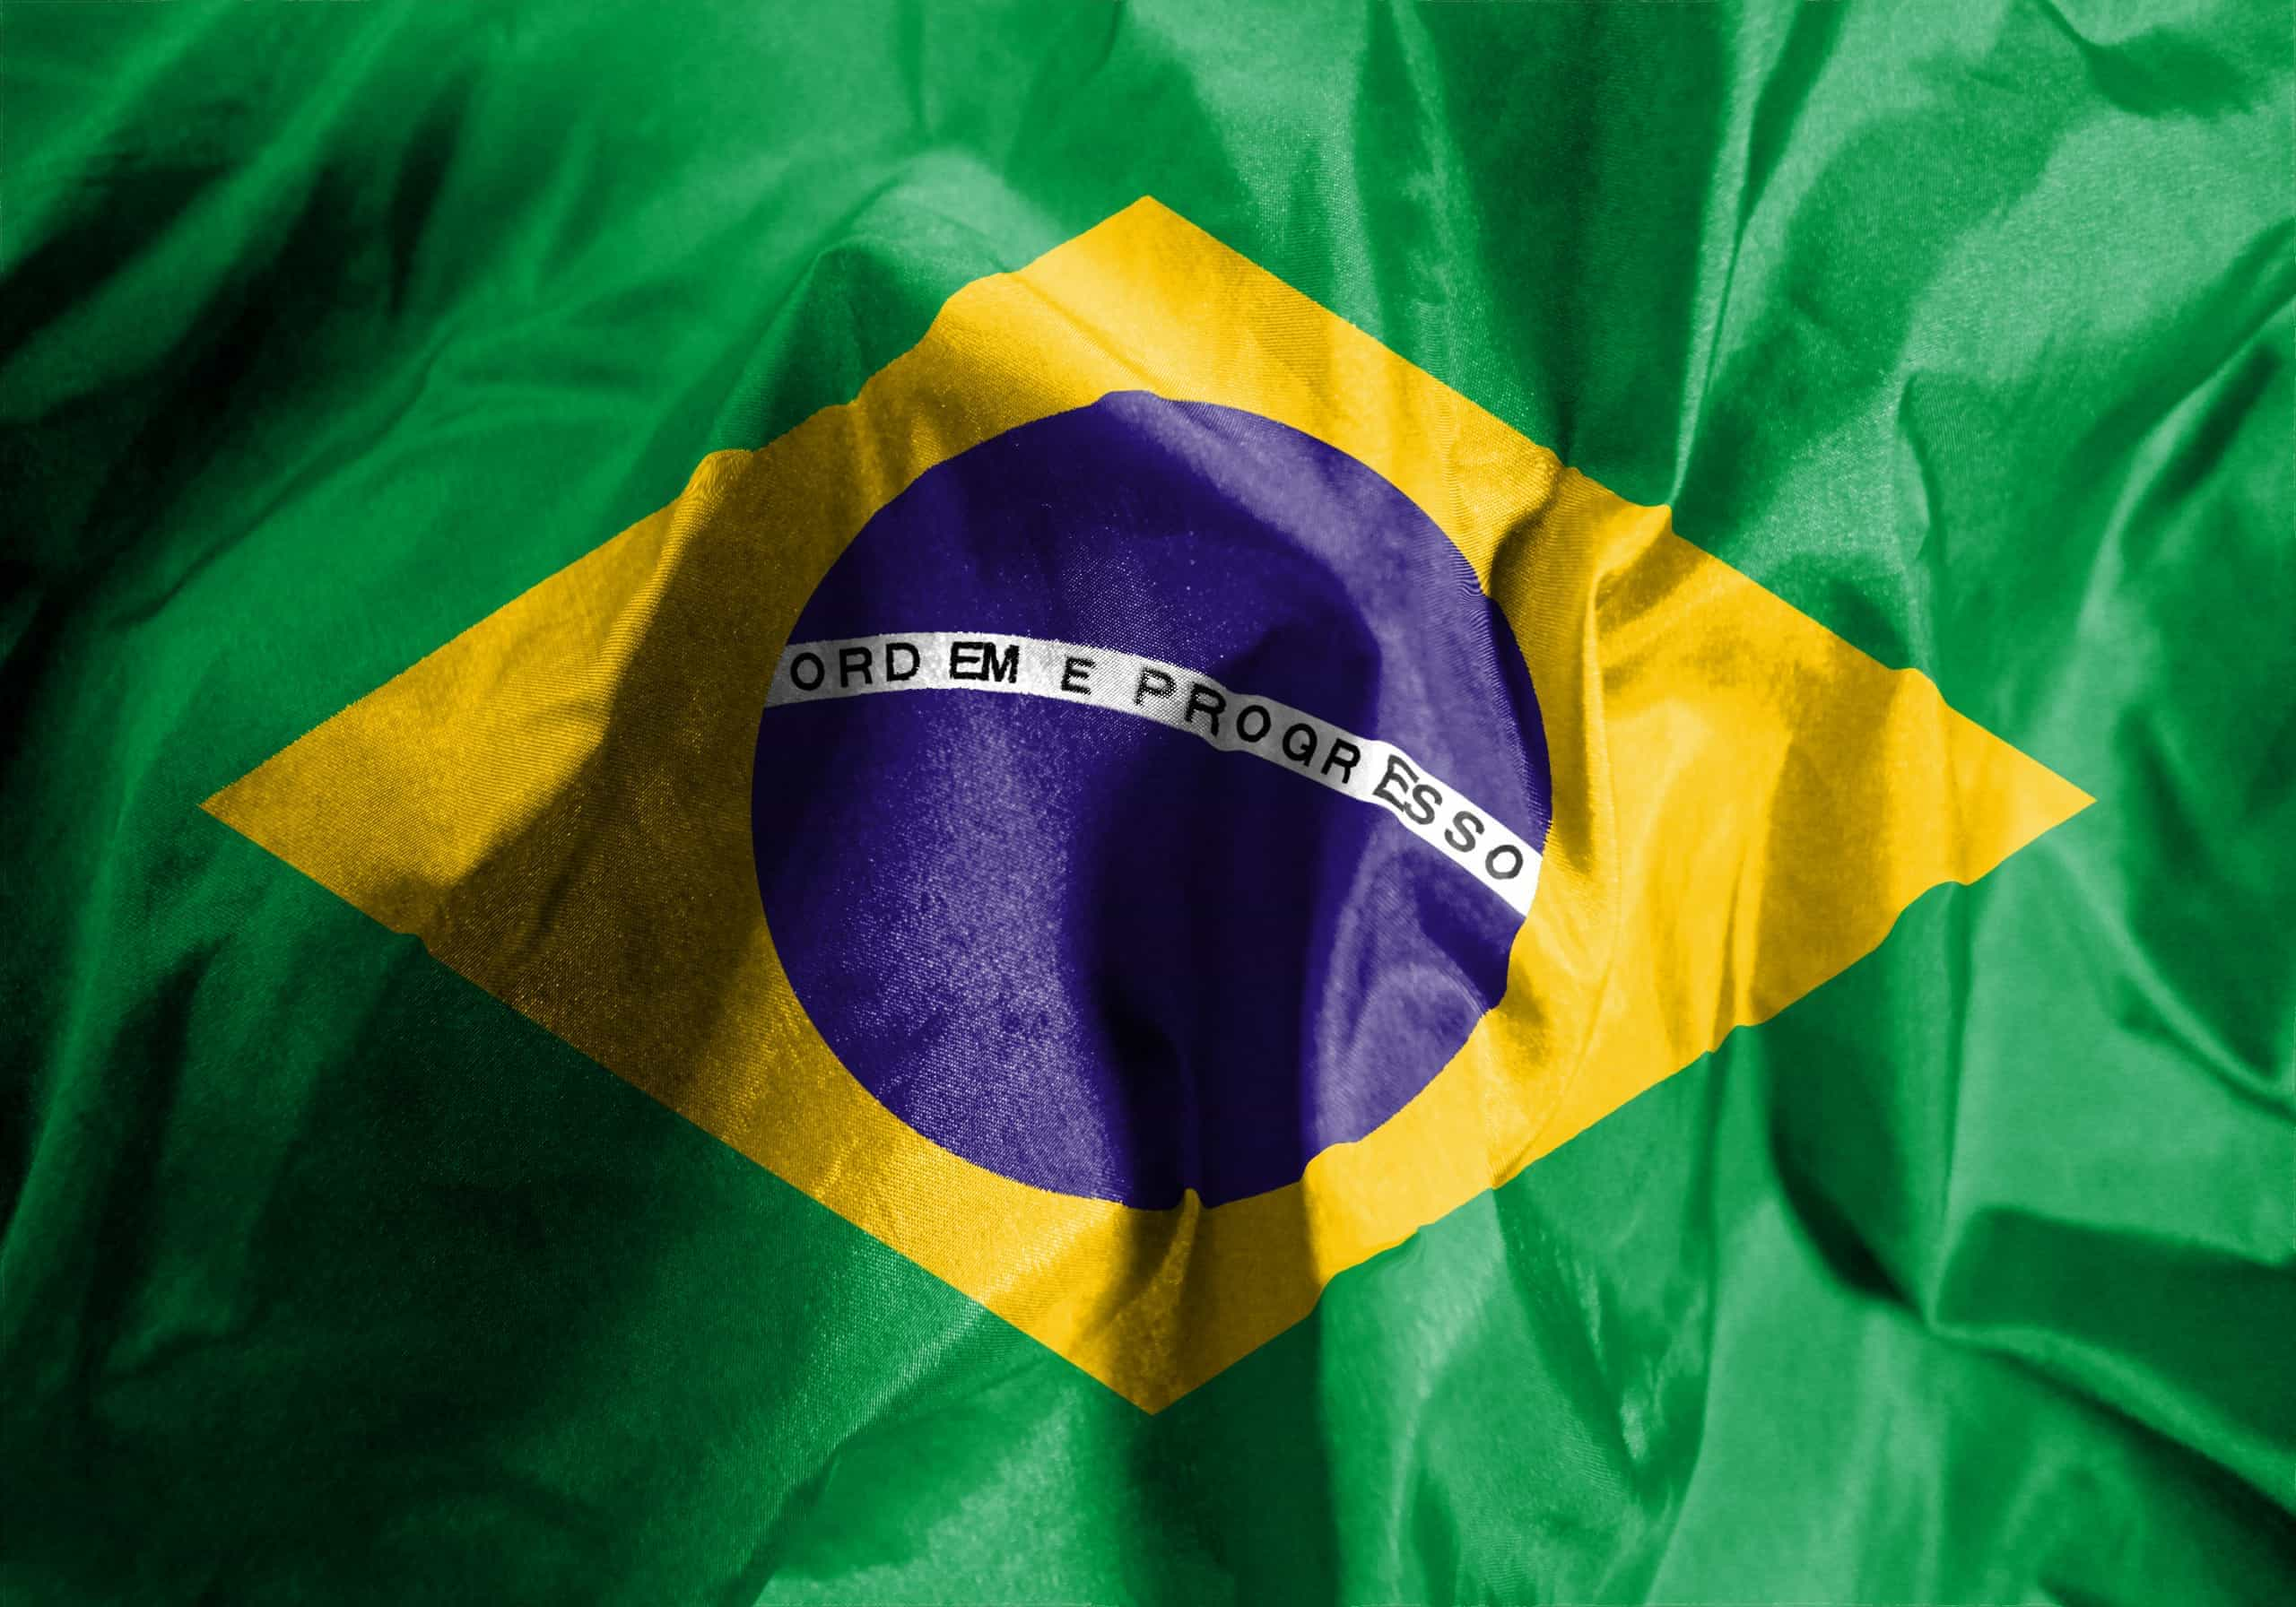 Professor da Colômbia indicado para ministro da Educação do Brasil